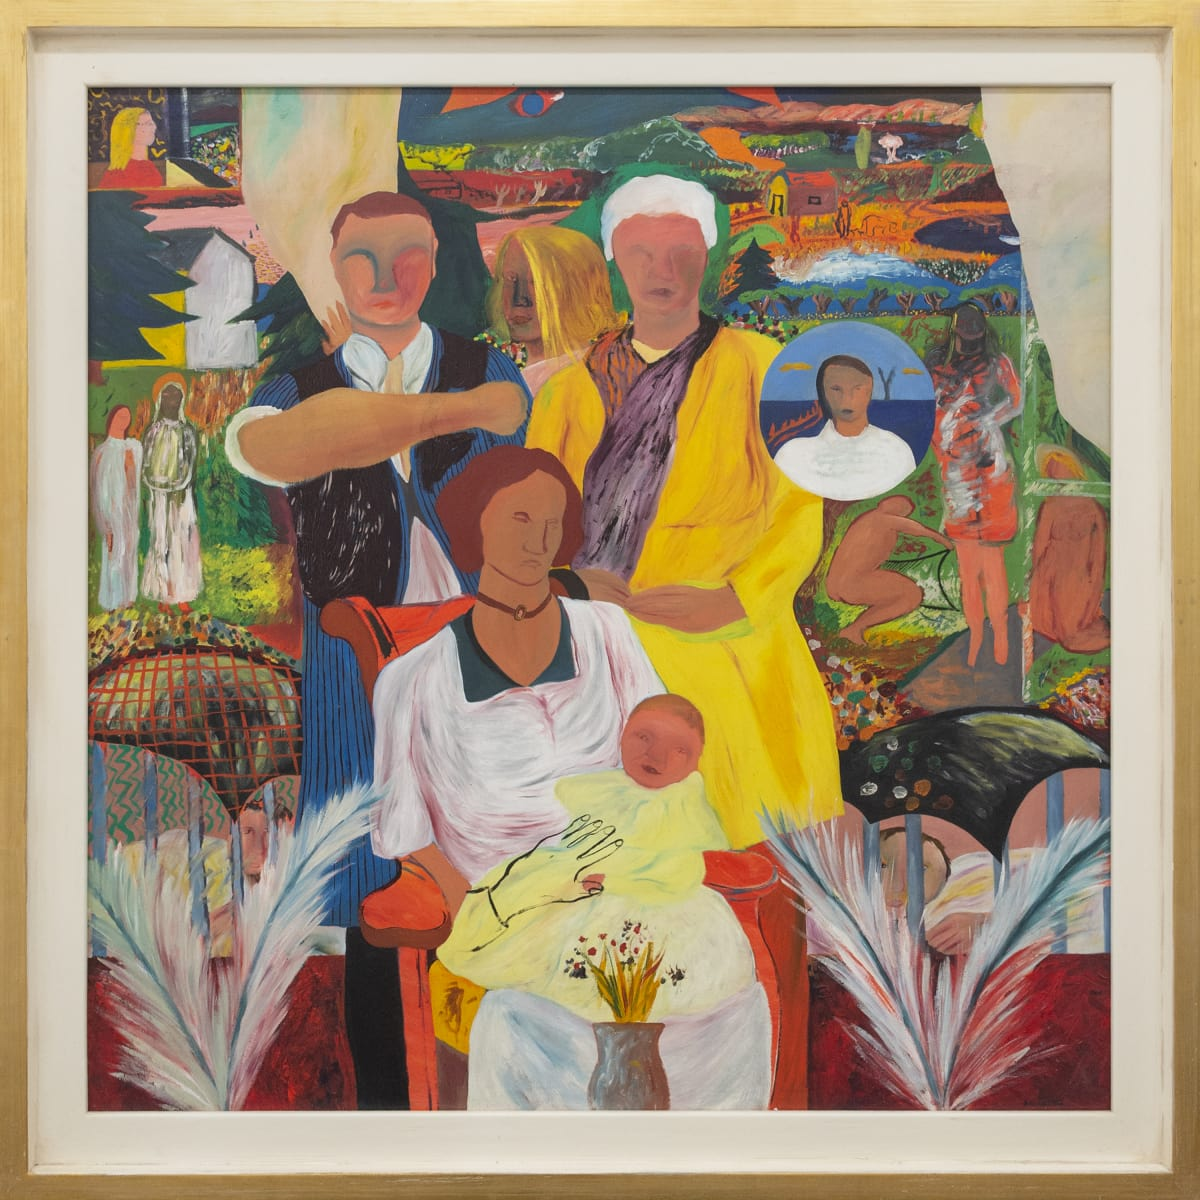 Jeffrey Harris Family Portrait, c. 1974 Oil on board 139.5 x 139.5 cm 54 7/8 x 54 7/8 in